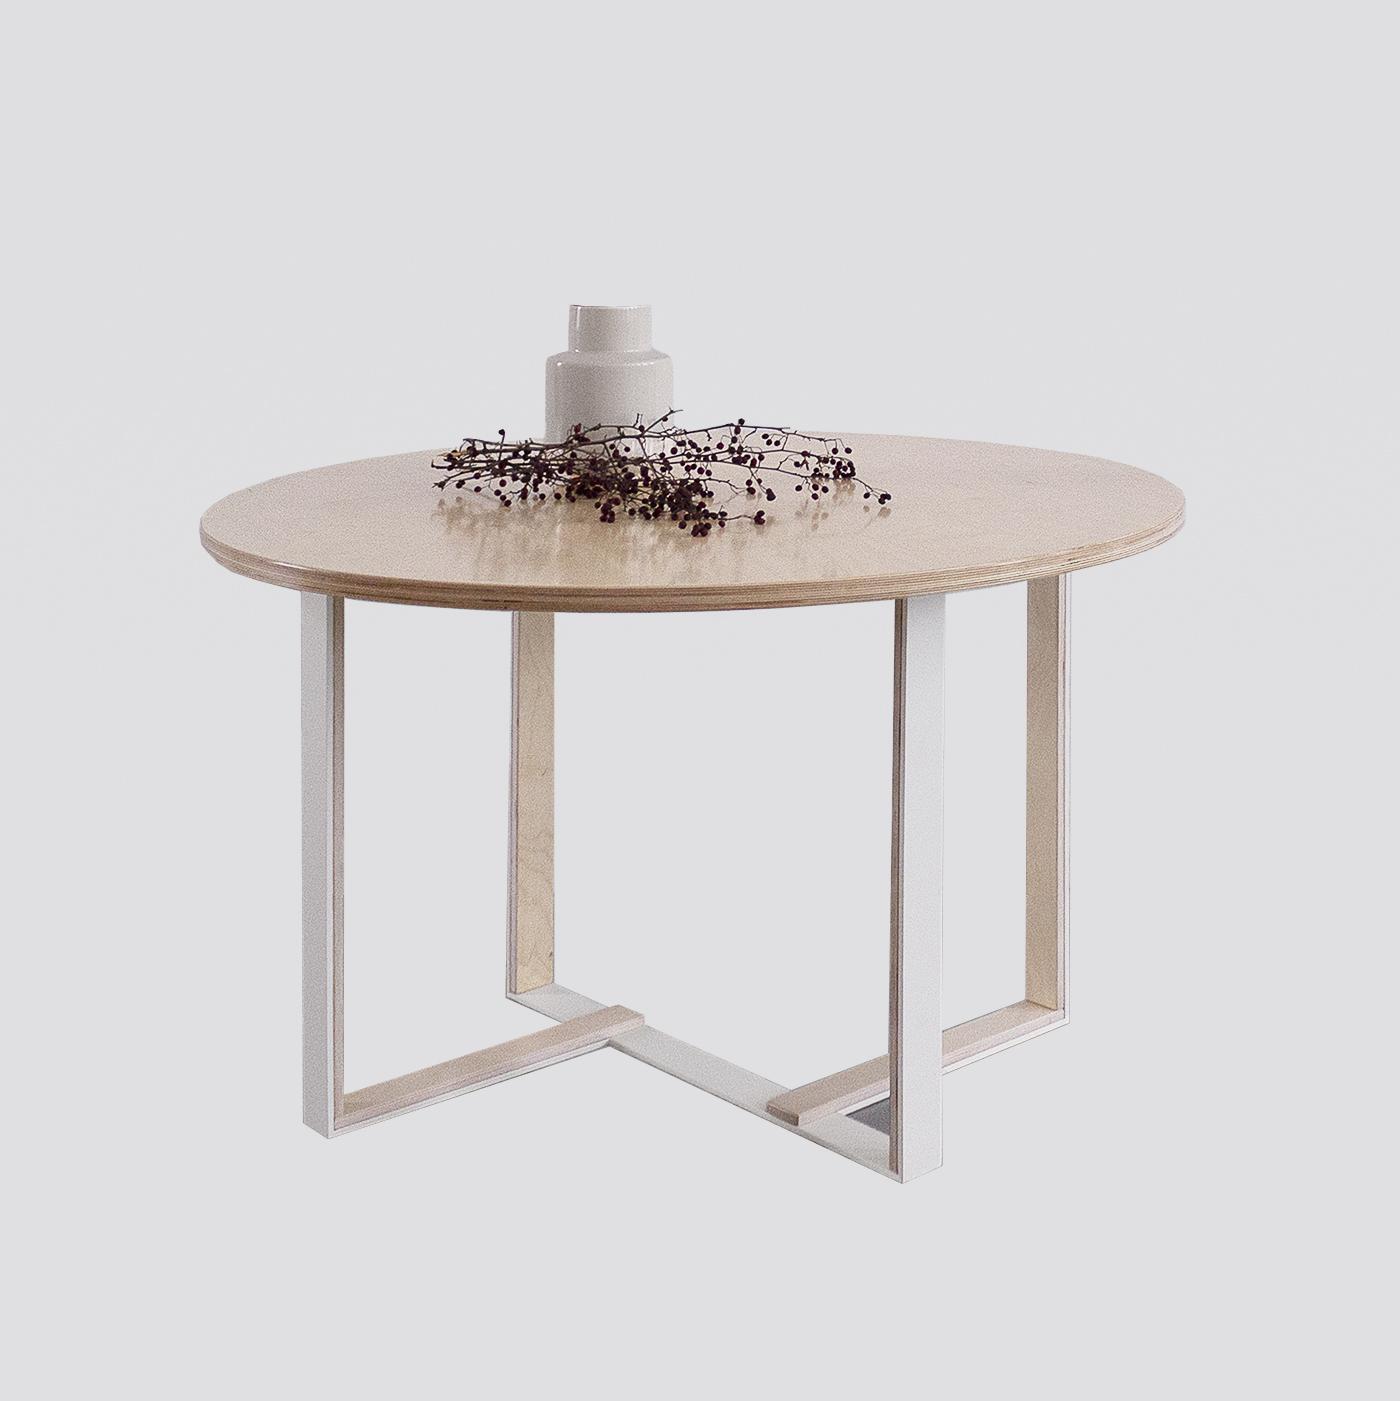 Zdjęcie produktu LIT.round stół